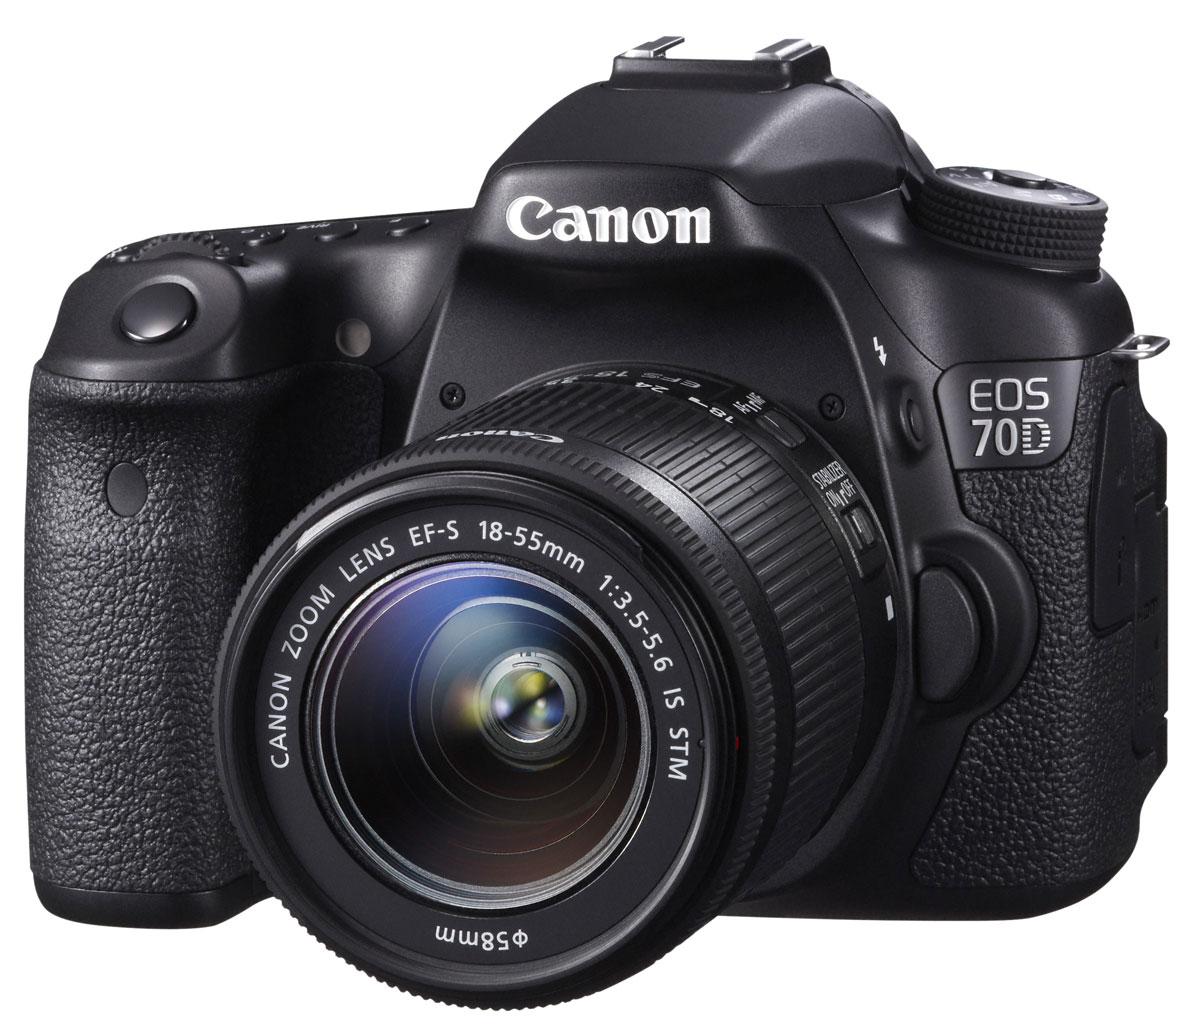 Canon EOS 70D Kit 18-55 IS STM цифровая зеркальная фотокамера8469B011Сохраняйте важные моменты жизни, делая потрясающие снимки или видеозаписи в формате Full HD с помощью высокопроизводительной камеры Canon EOS 70D со скоростью съемки 7 кадров/с при полном разрешении, усовершенствованной 19-точечной системой автофокусировки и уникальной технологией двухпиксельного CMOS-автофокуса компании Canon. CMOS-датчик с 20,2 млн. пикселей и процессор DIGIC 5+: Высокопроизводительная камера EOS 70D оснащена CMOS-датчиком APS-C с 20,2 млн. пикселей и мощным процессором обработки изображения DIGIC 5+, что позволяет получать безупречно четкие 14-битные изображения и передавать мельчайшие детали. Естественность цветопередачи дополнена плавностью переходов полутонов. Поймайте момент: Получать превосходные фотографии быстро перемещающихся объектов (как, например, в спорте или дикой природе) теперь просто благодаря использованию серийной съемки со скоростью 7 кадров/с при полном разрешении и высокопроизводительной...